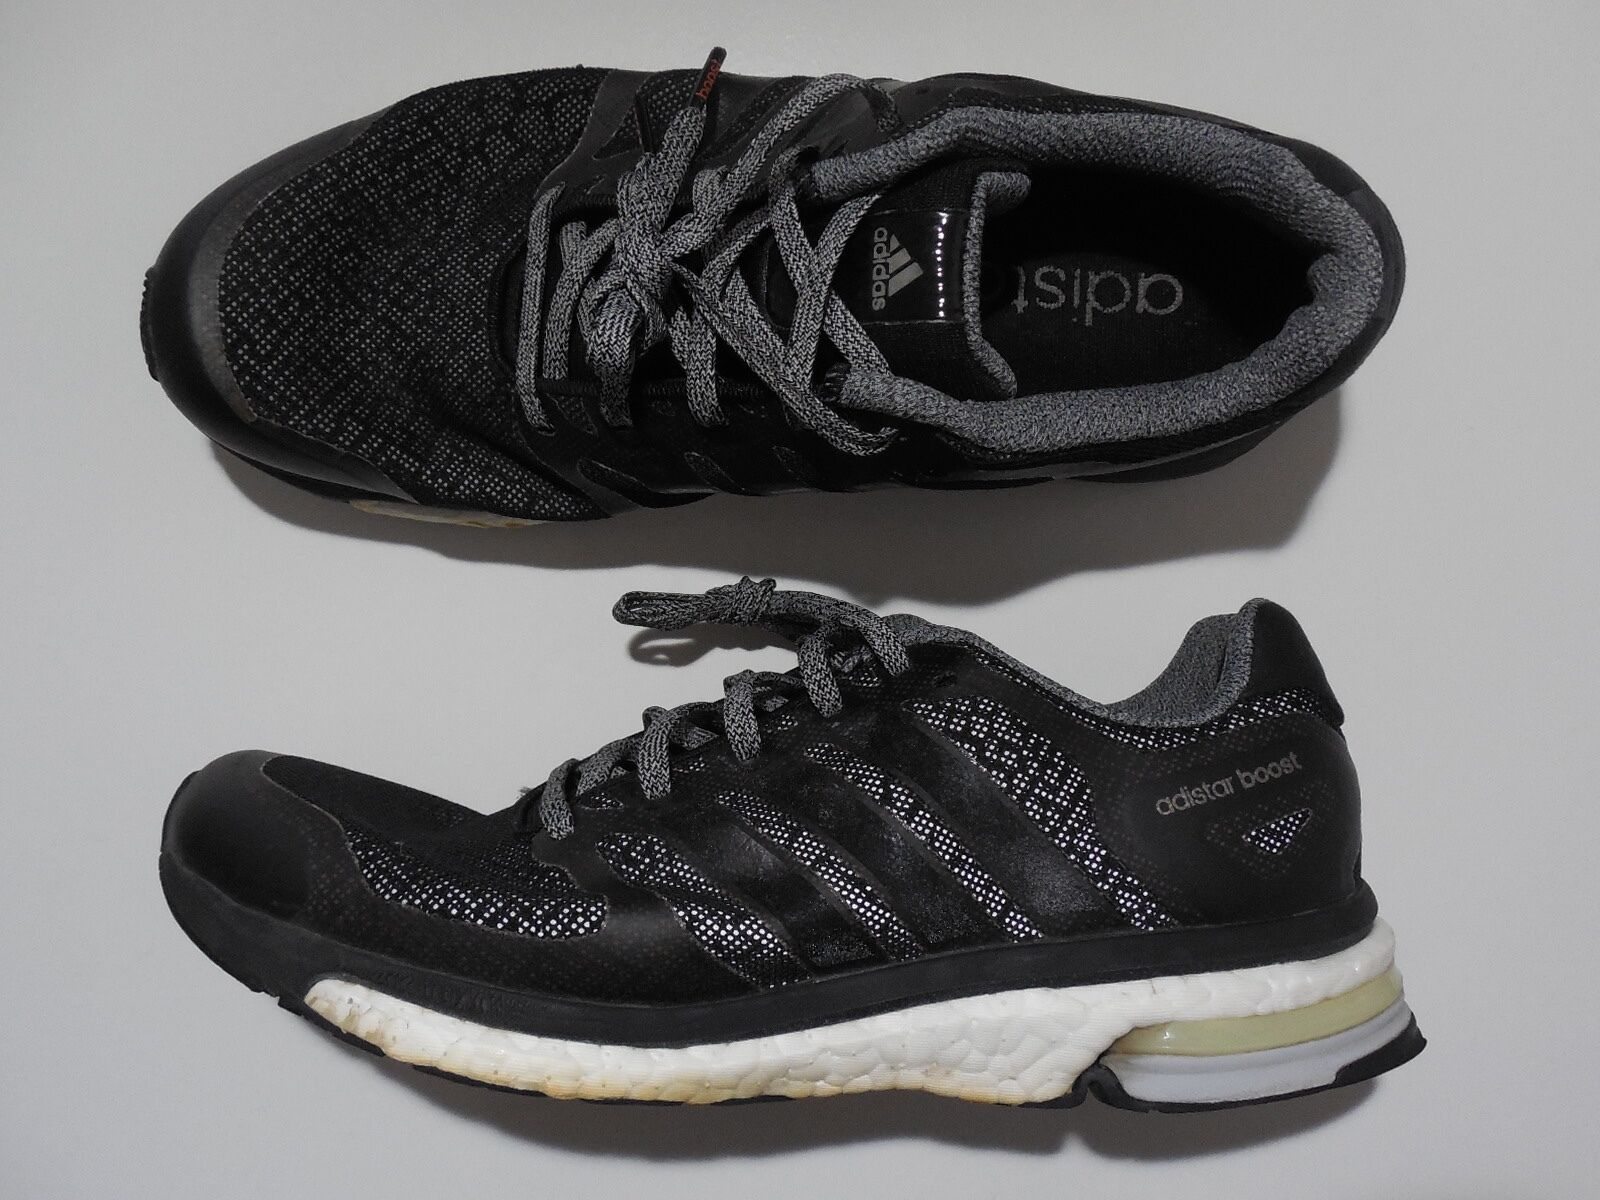 Adidas Adistar Boost M Glow schwarz weiß Herren Laufschuhe Running NEU